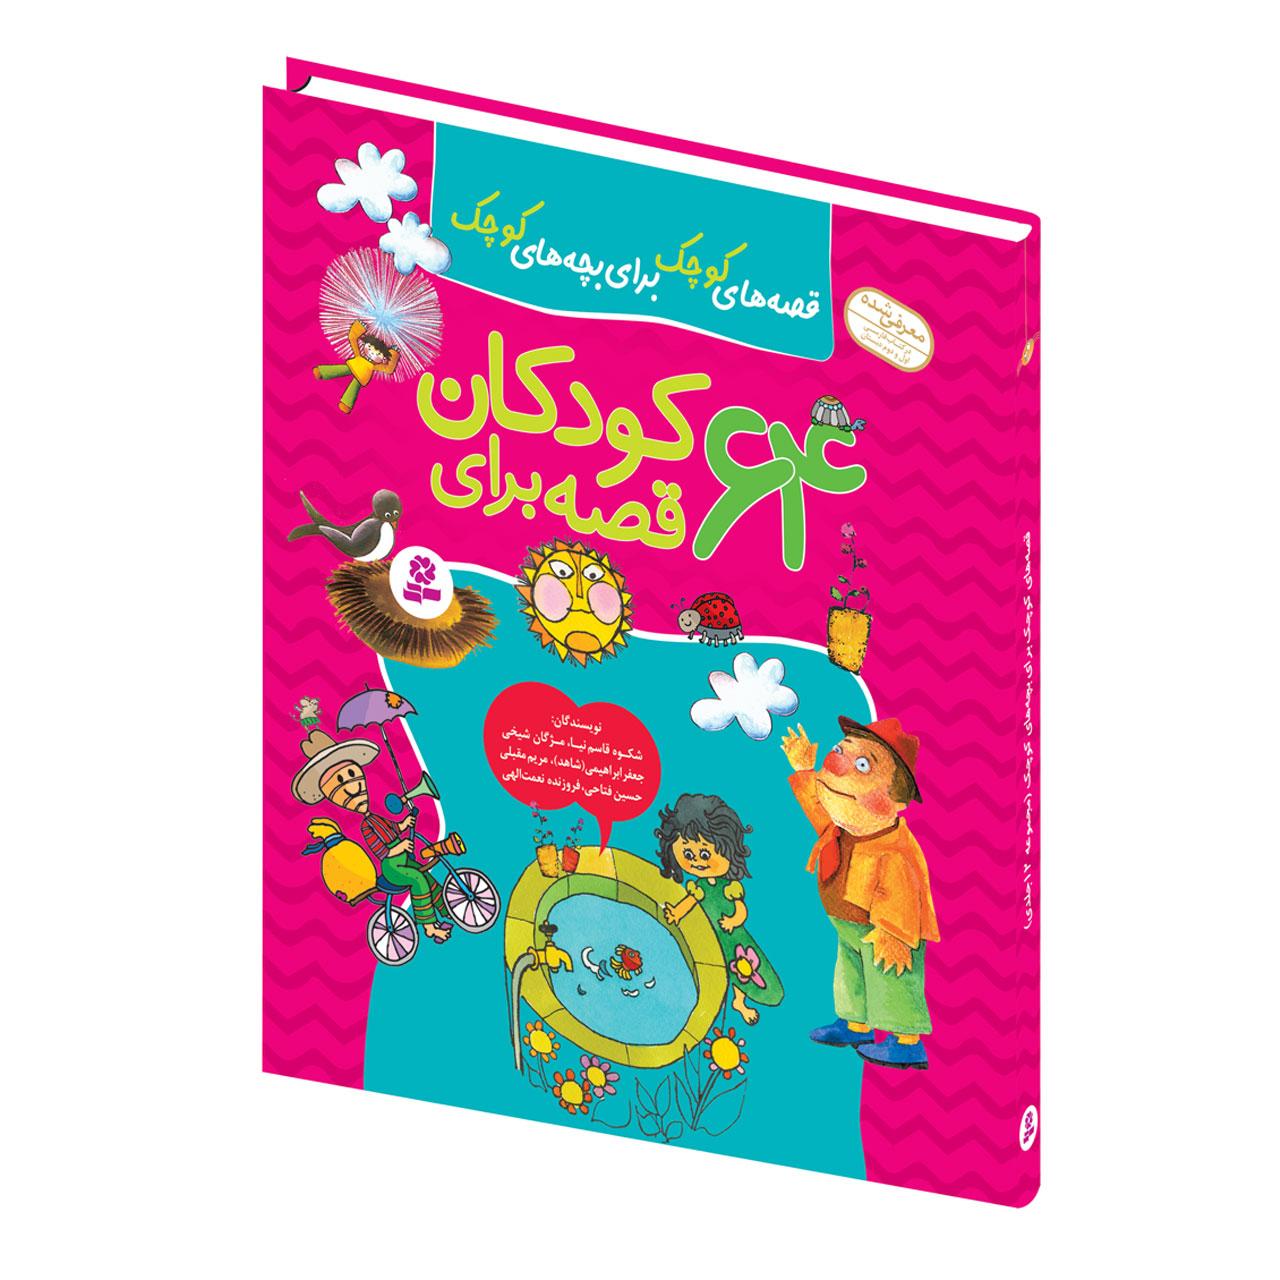 خرید                      کتاب قصه های کوچک برای بچه های کوچک 64 قصه برای کودکان اثر جمعی از نویسندگان انتشارات قدیانی مجموعه 12 جلدی